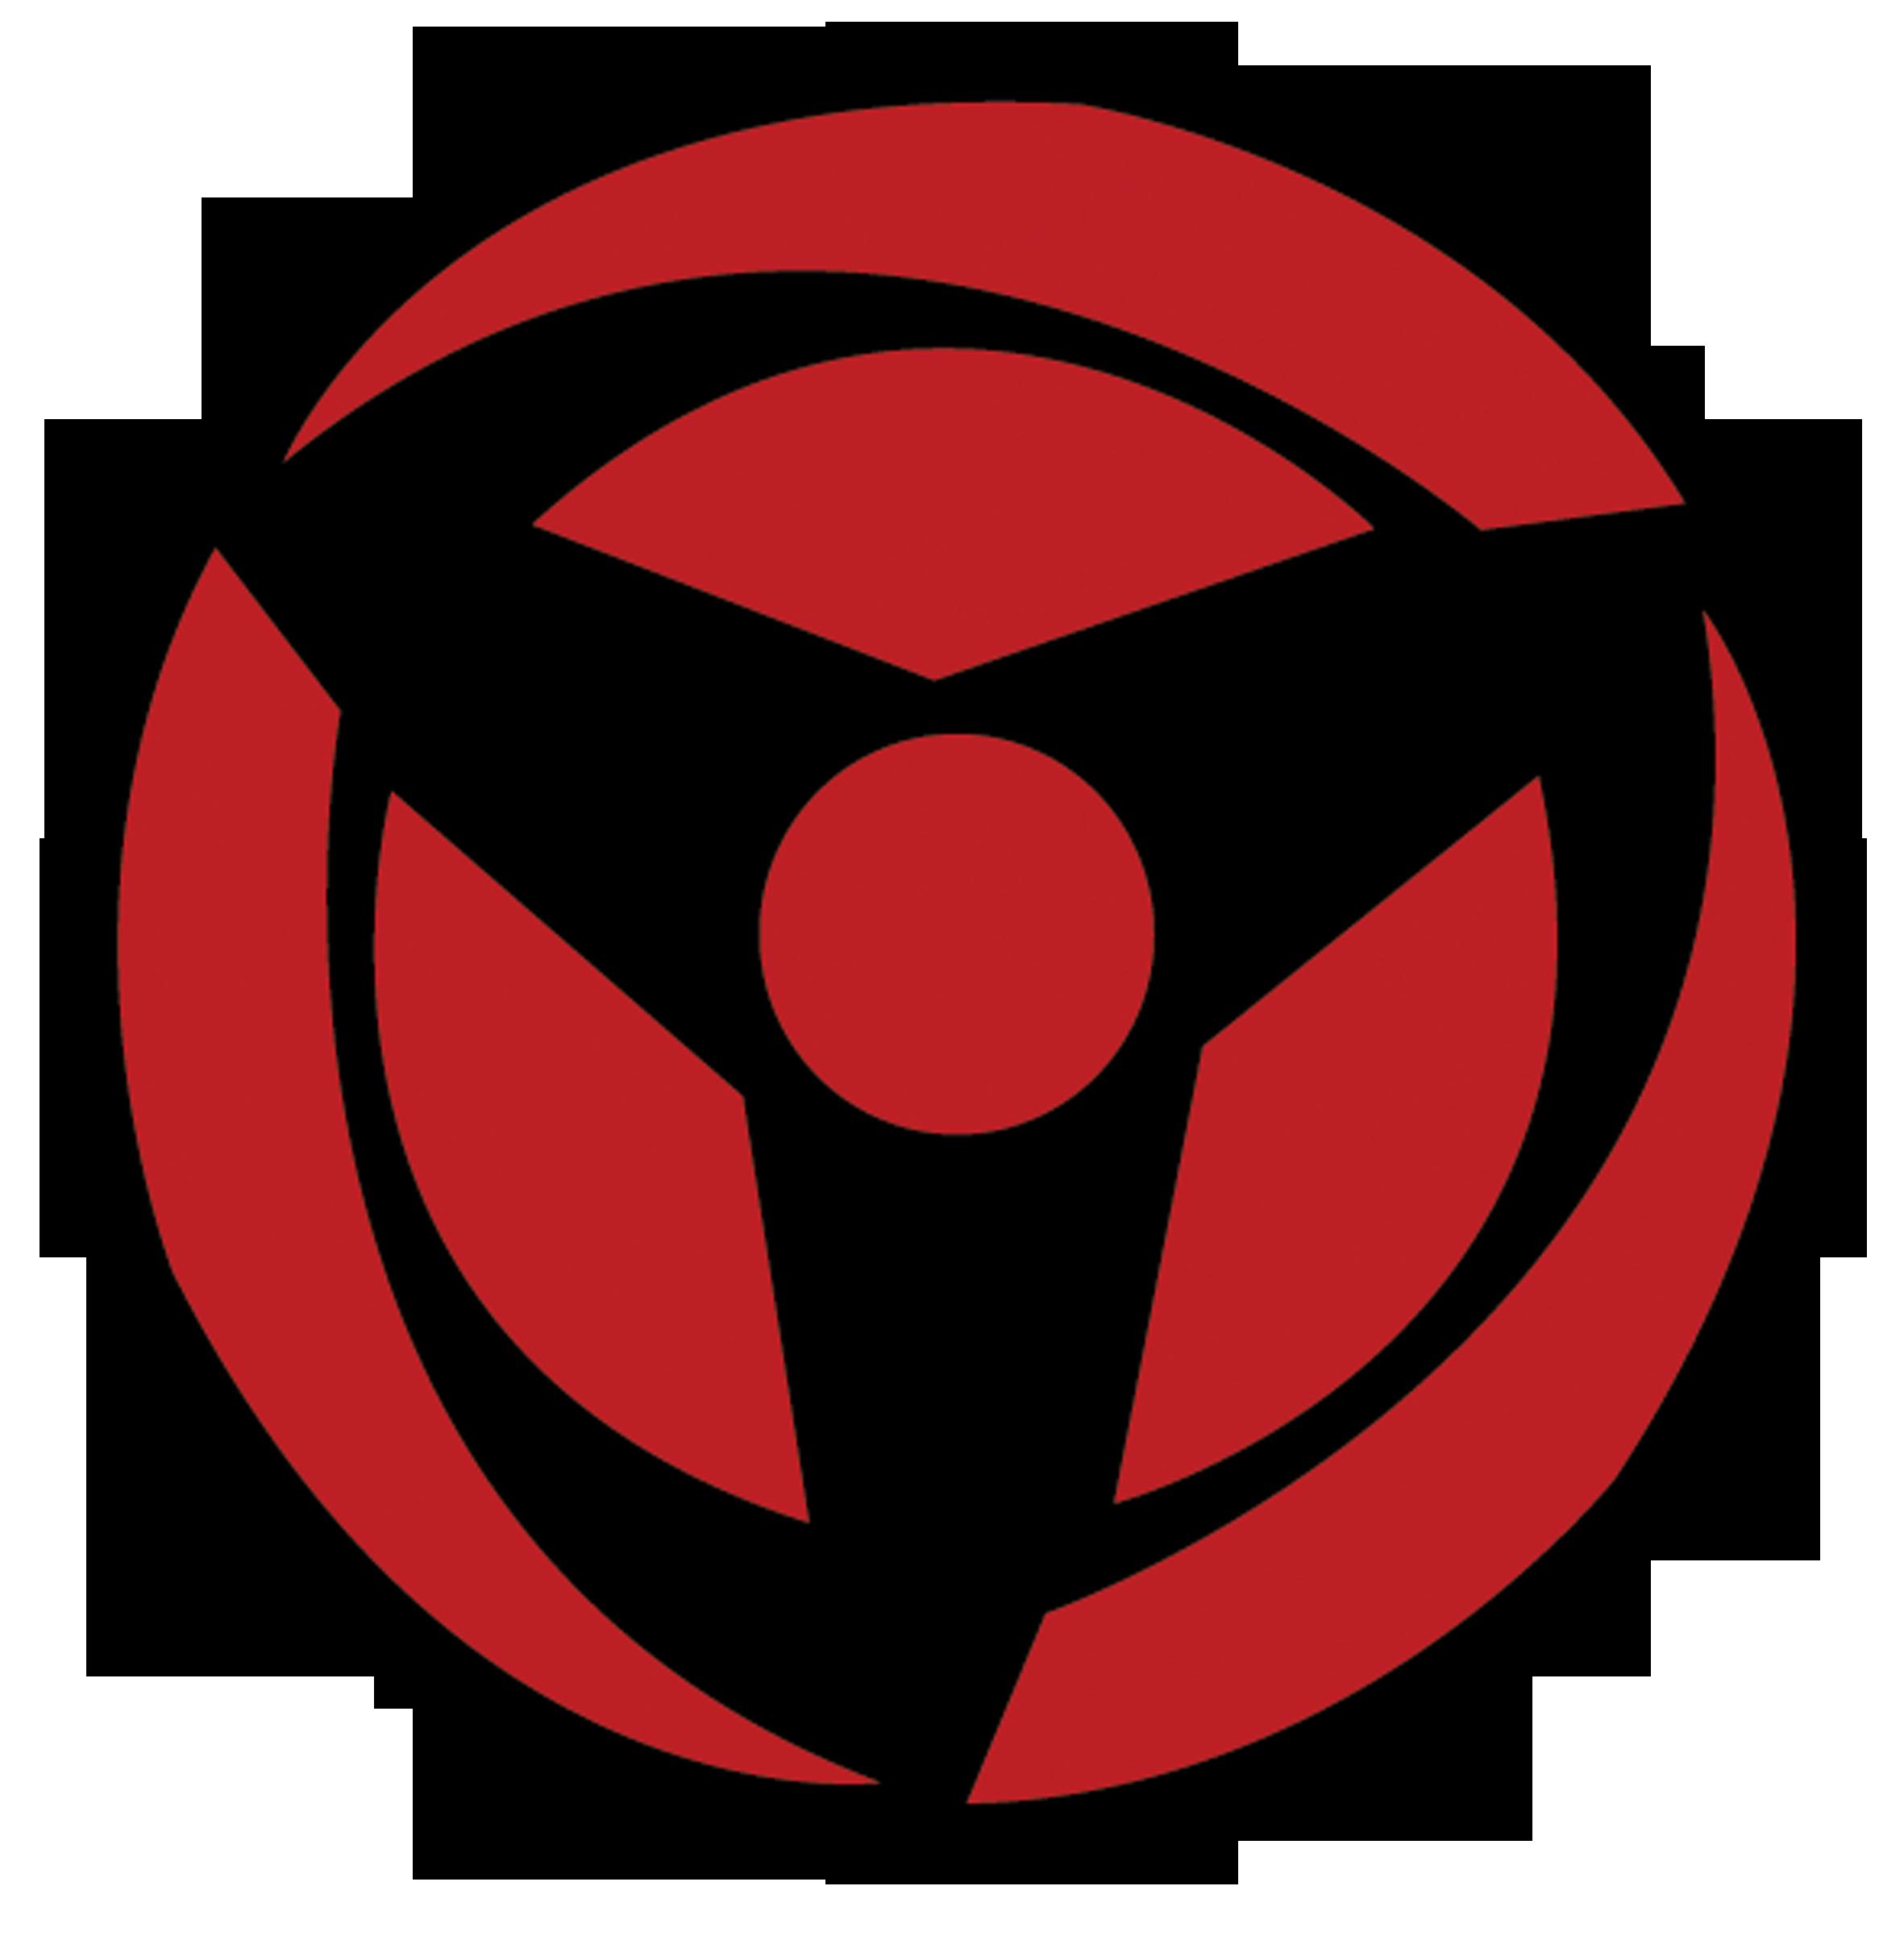 火影忍者血轮眼图片_火影忍者究极风暴变革1里卡卡西有几种形态比如不开写轮眼和开 ...